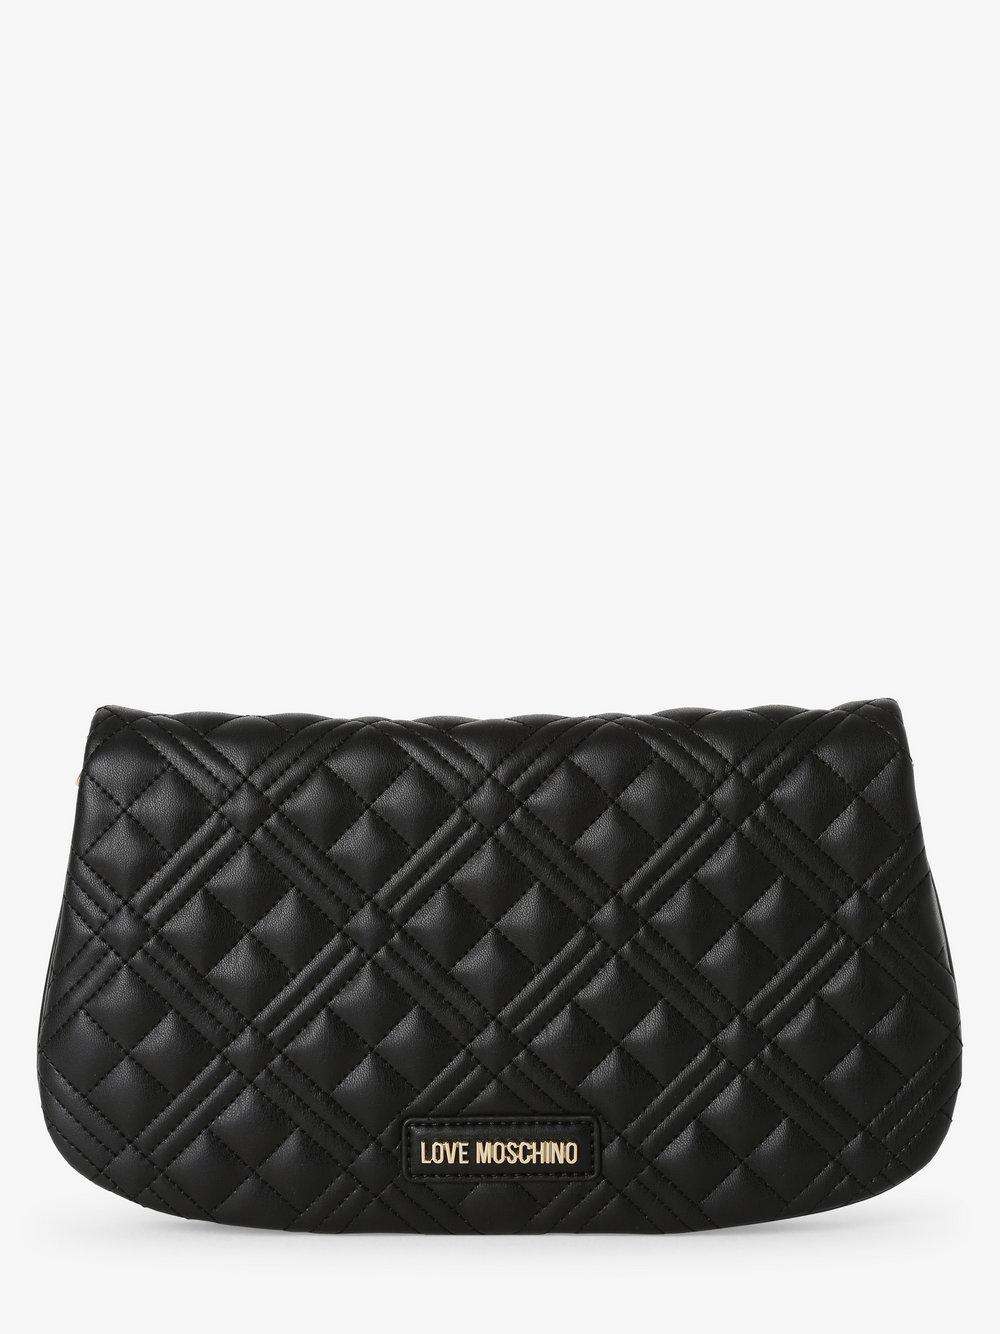 Love Moschino - Damska torebka na ramię, czarny